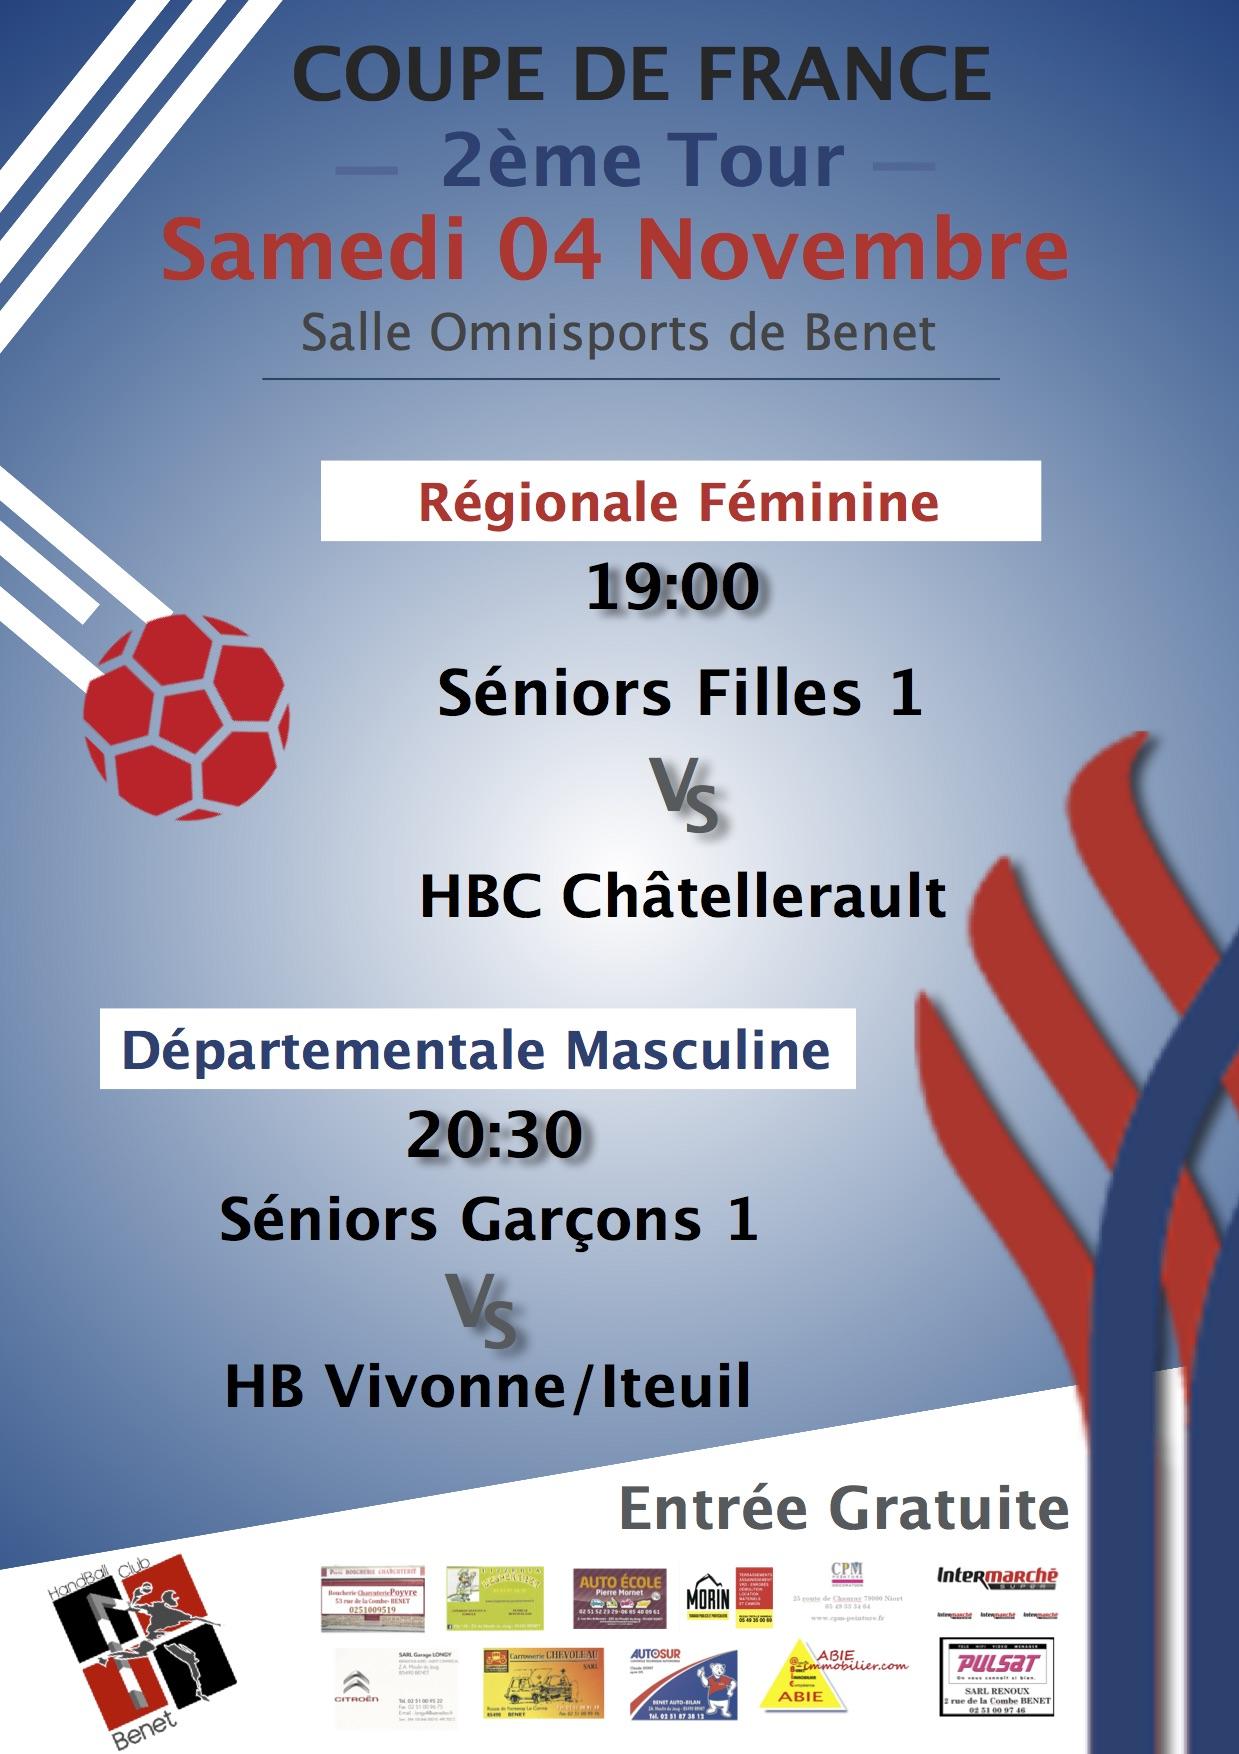 Affiche Coupe de France 2ème tour.jpg